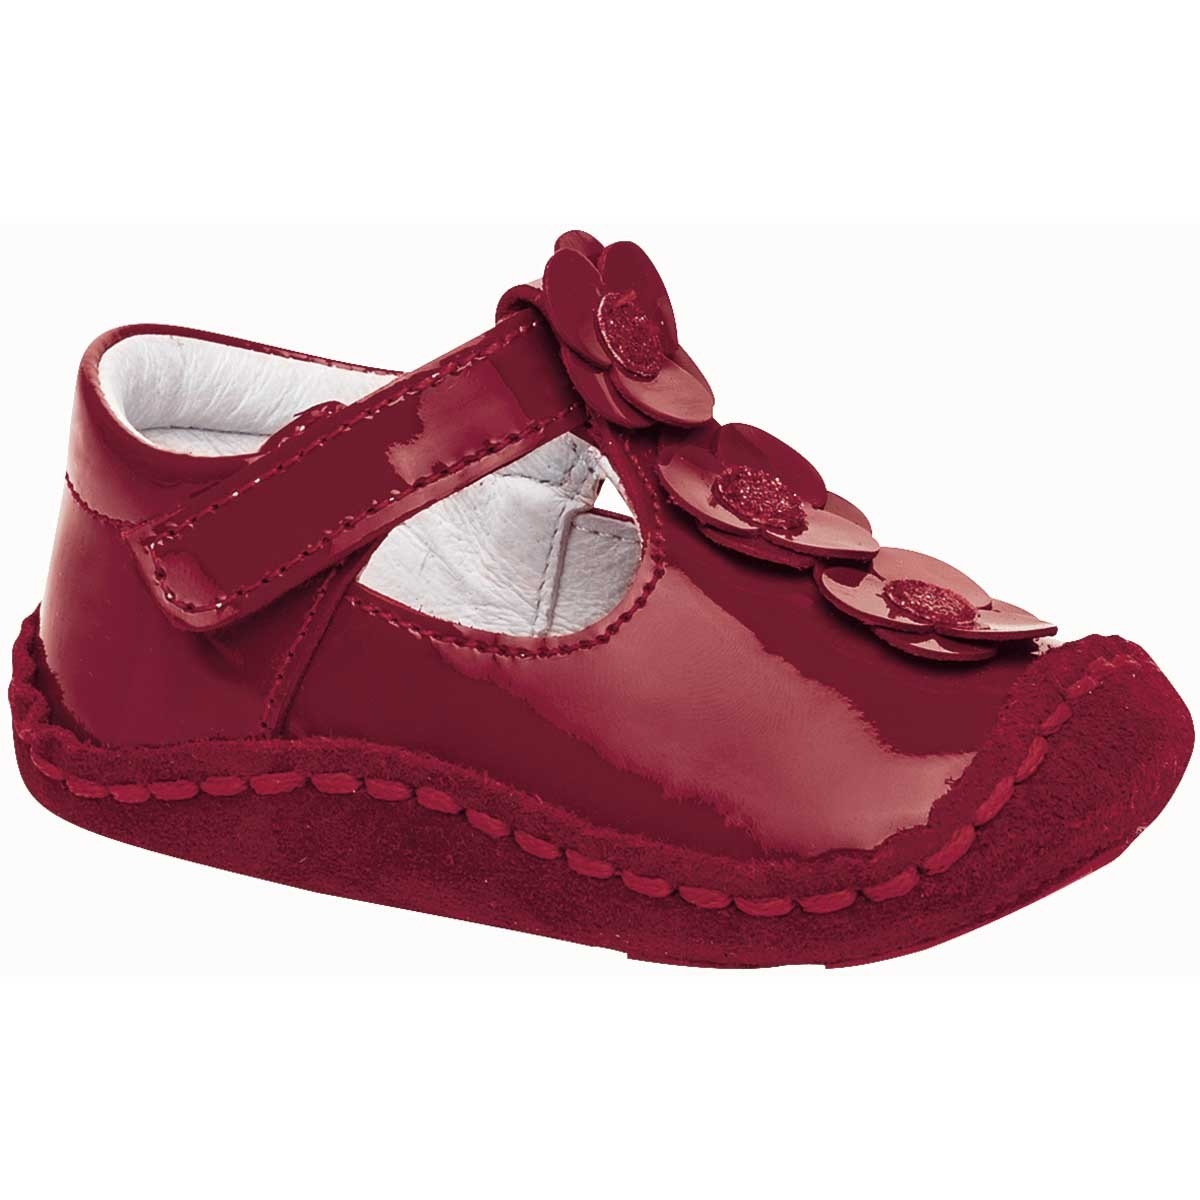 51c72a9c zapato casual para bebe marca ensueño piel charol 62272 dgt. Cargando zoom.